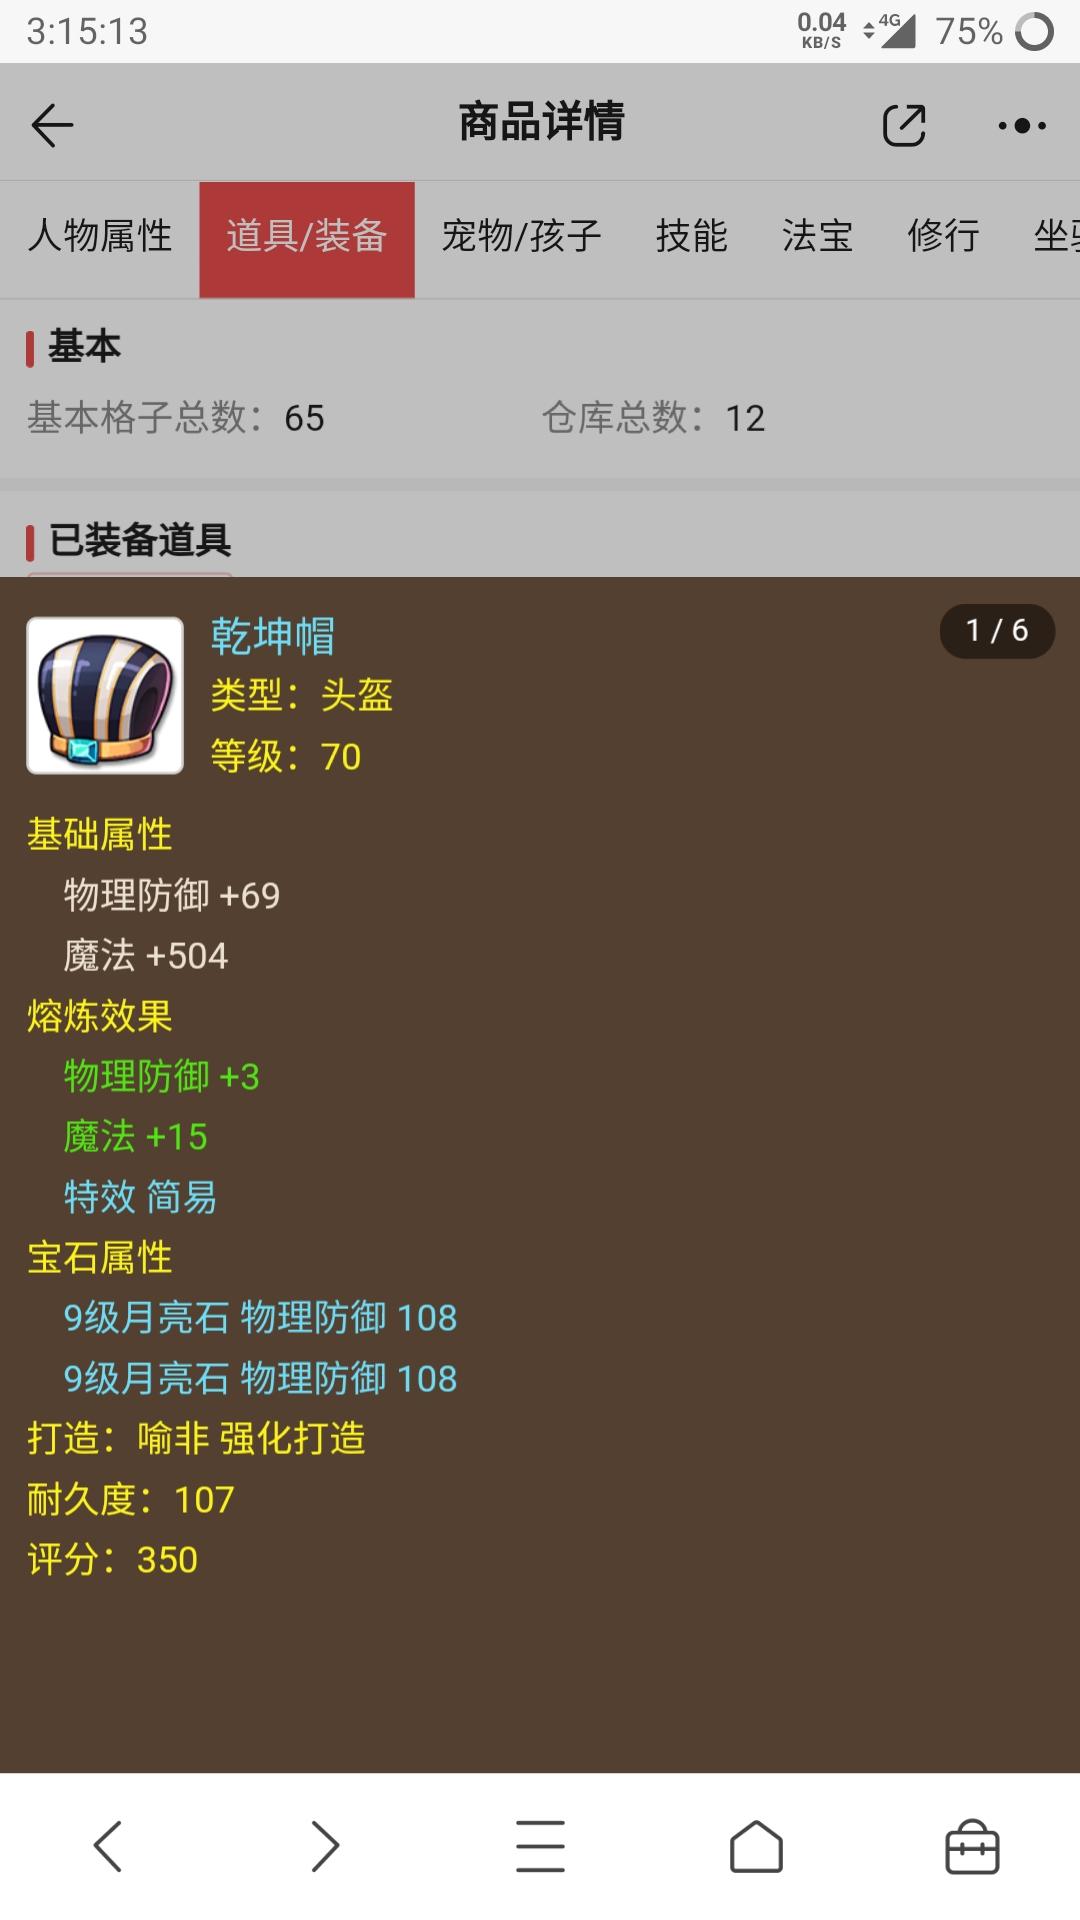 Screenshot_20200715-151513.jpg